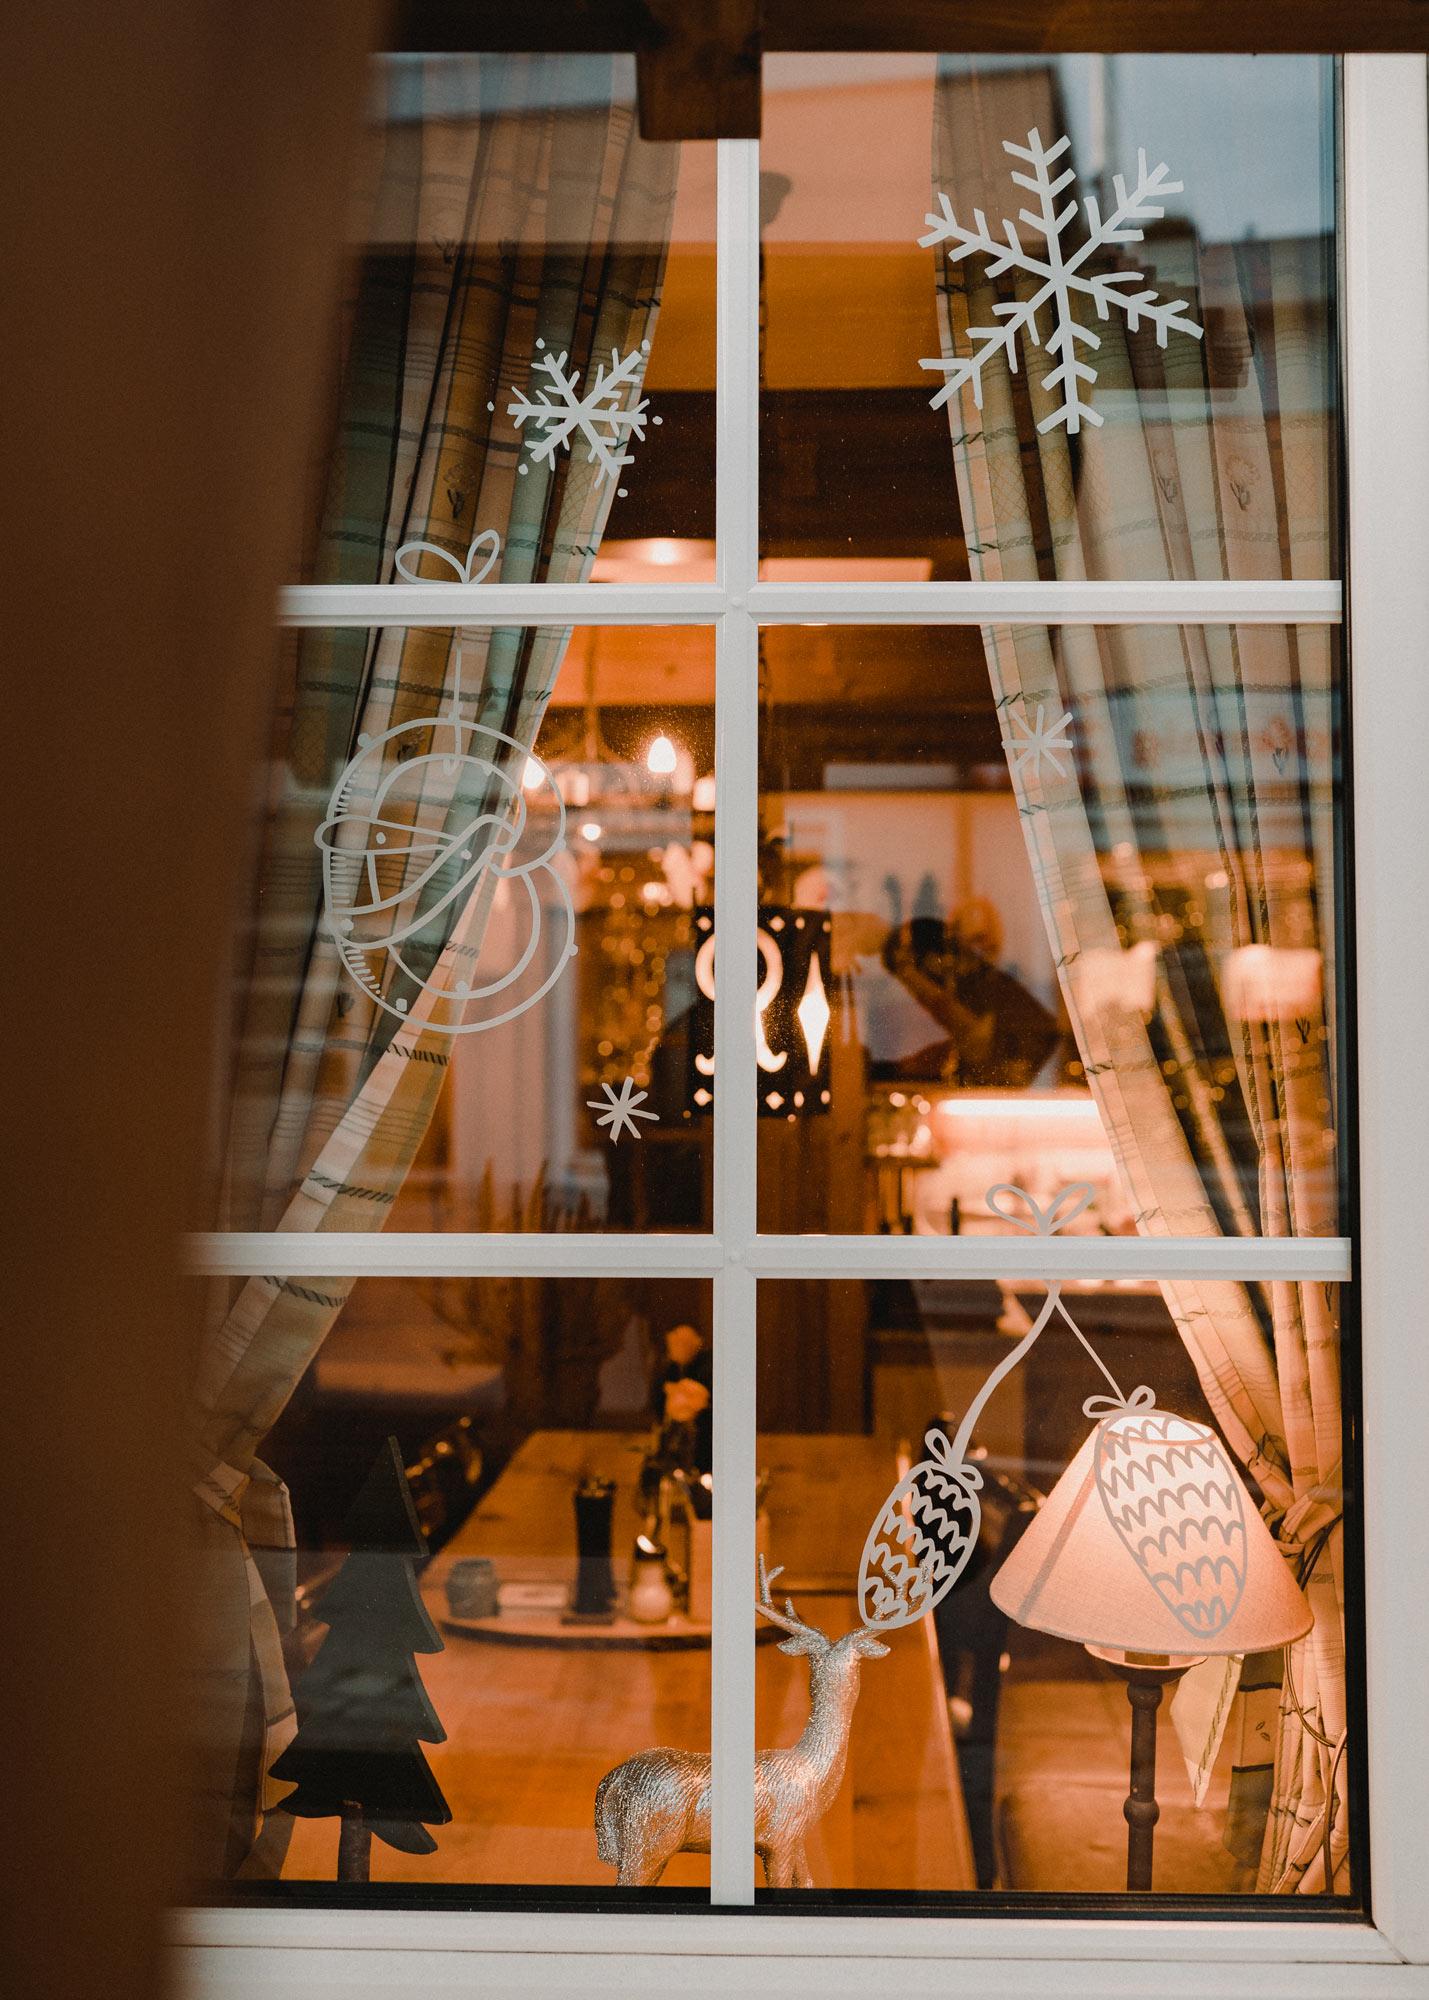 Gasthausfenster mit weißer Bemalung: Schneeflocken, Eine Breze und Tannenzapfen.